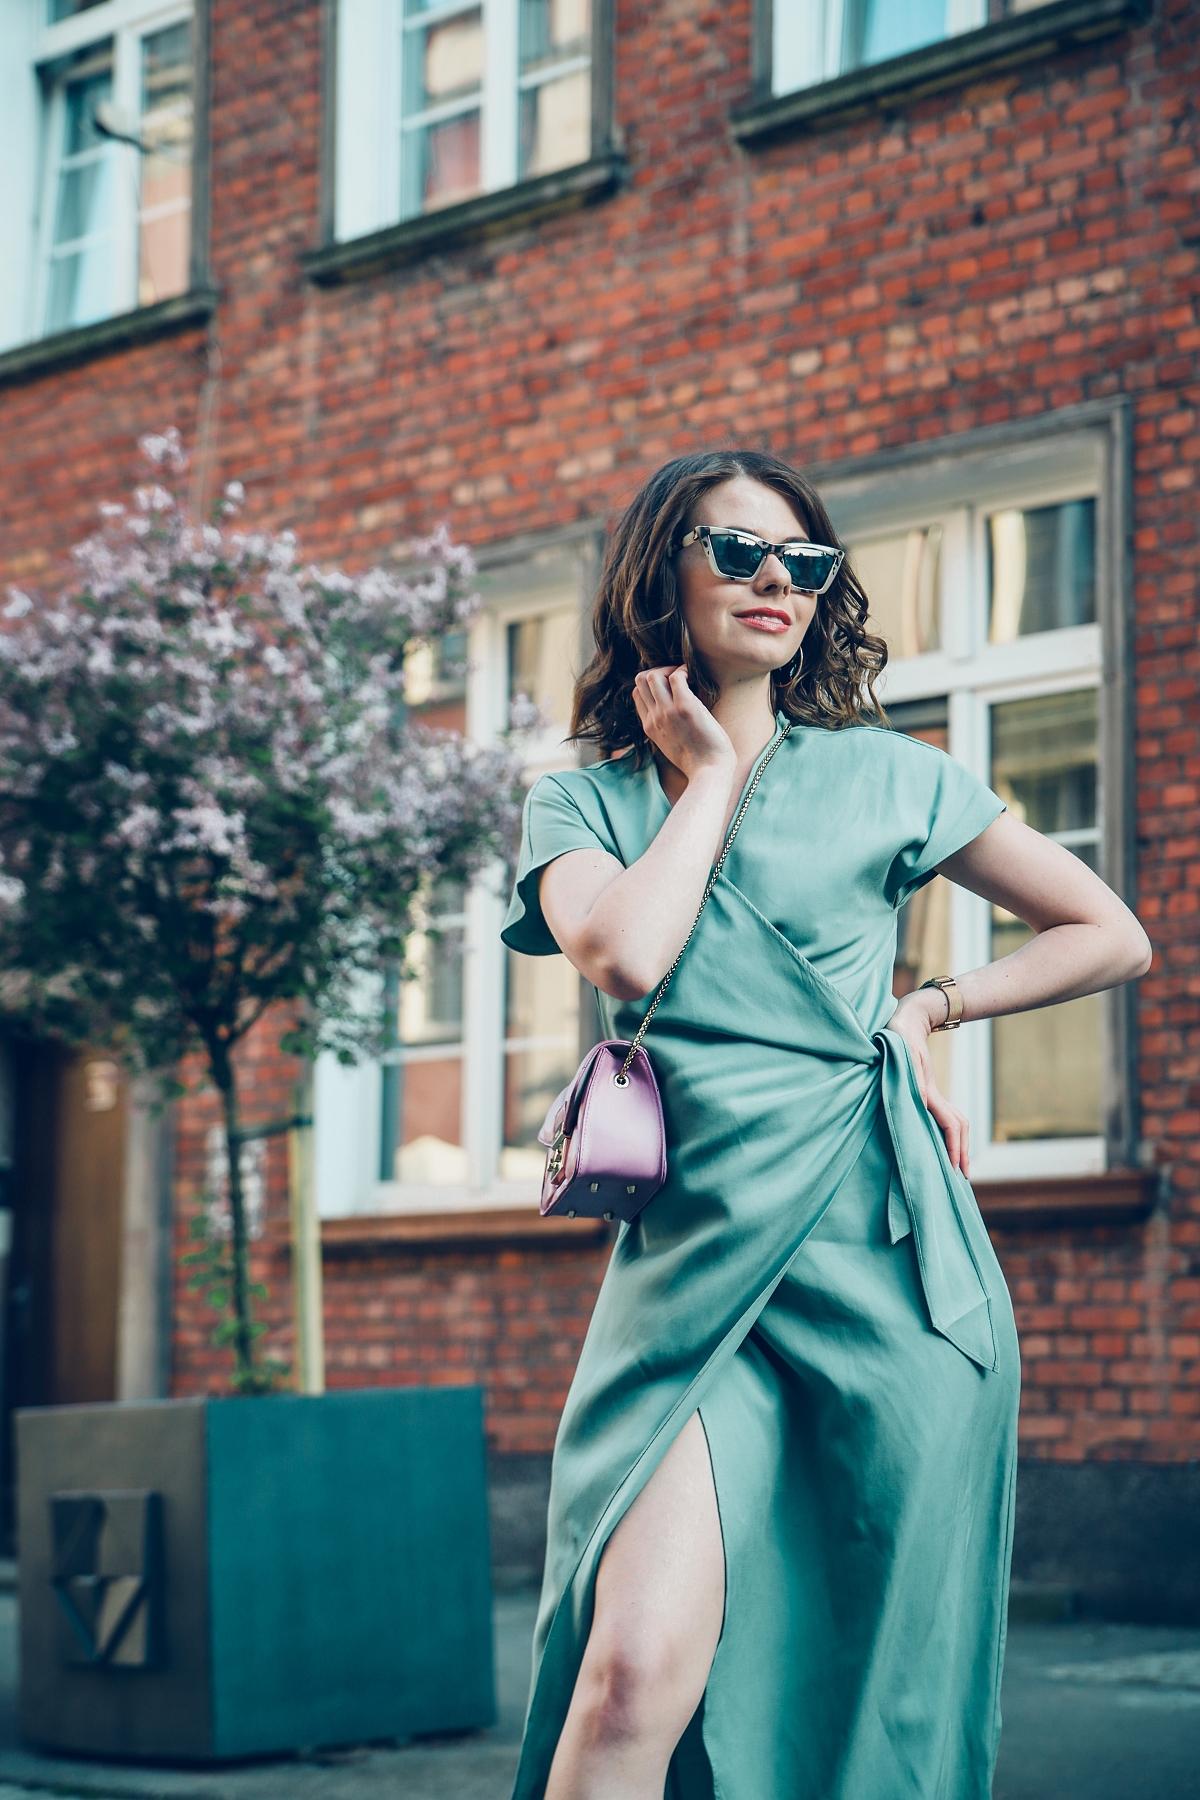 sukienka-na-wesele-mieta-i-kolor-lawendowy-blog-modowy-2